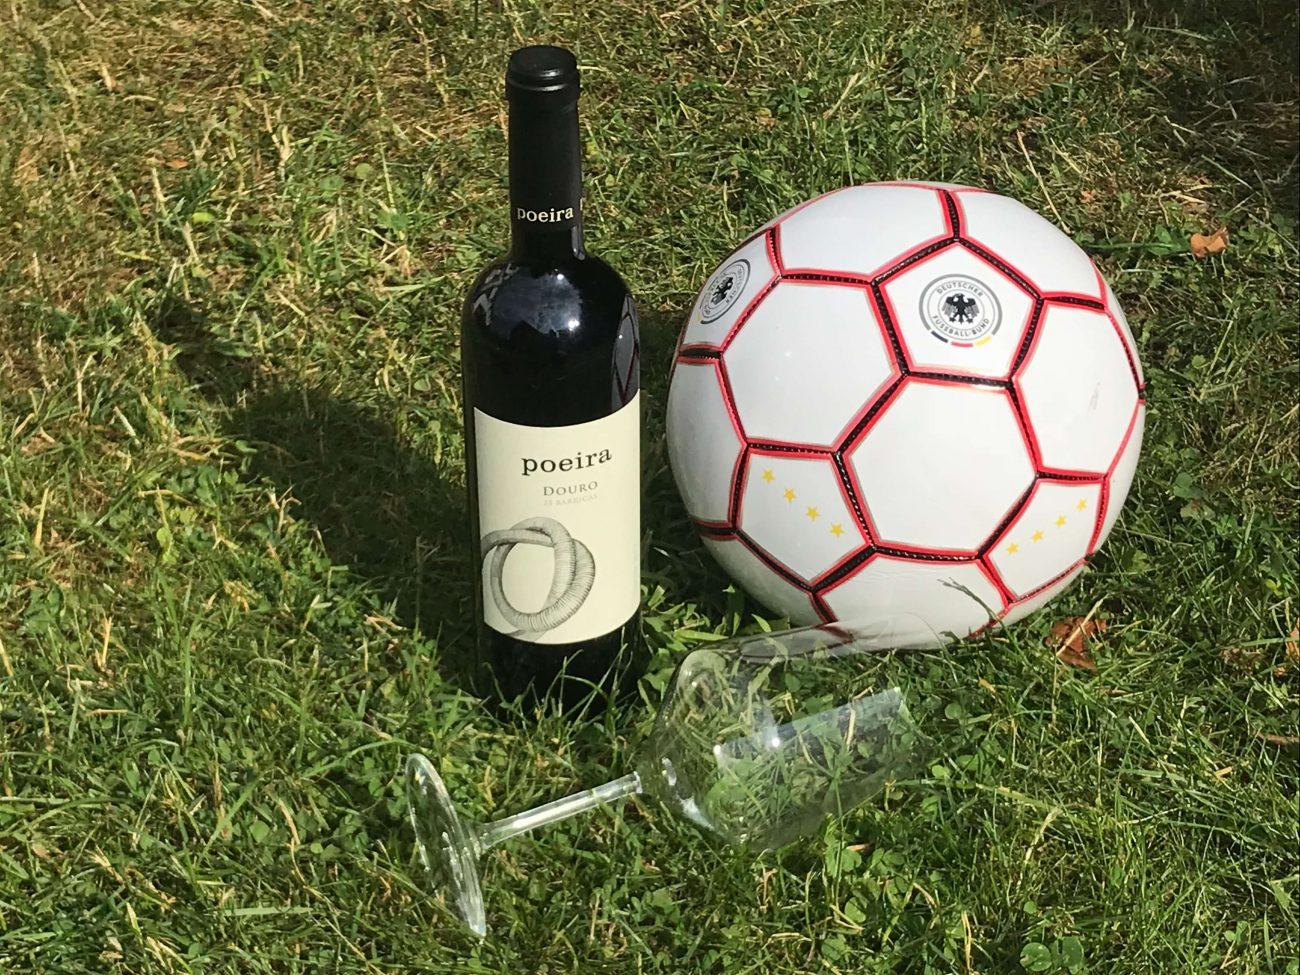 Portugal Fußballweltmeisterschaft Rotwein trinken Quinta da Poeira Jorge Moreira